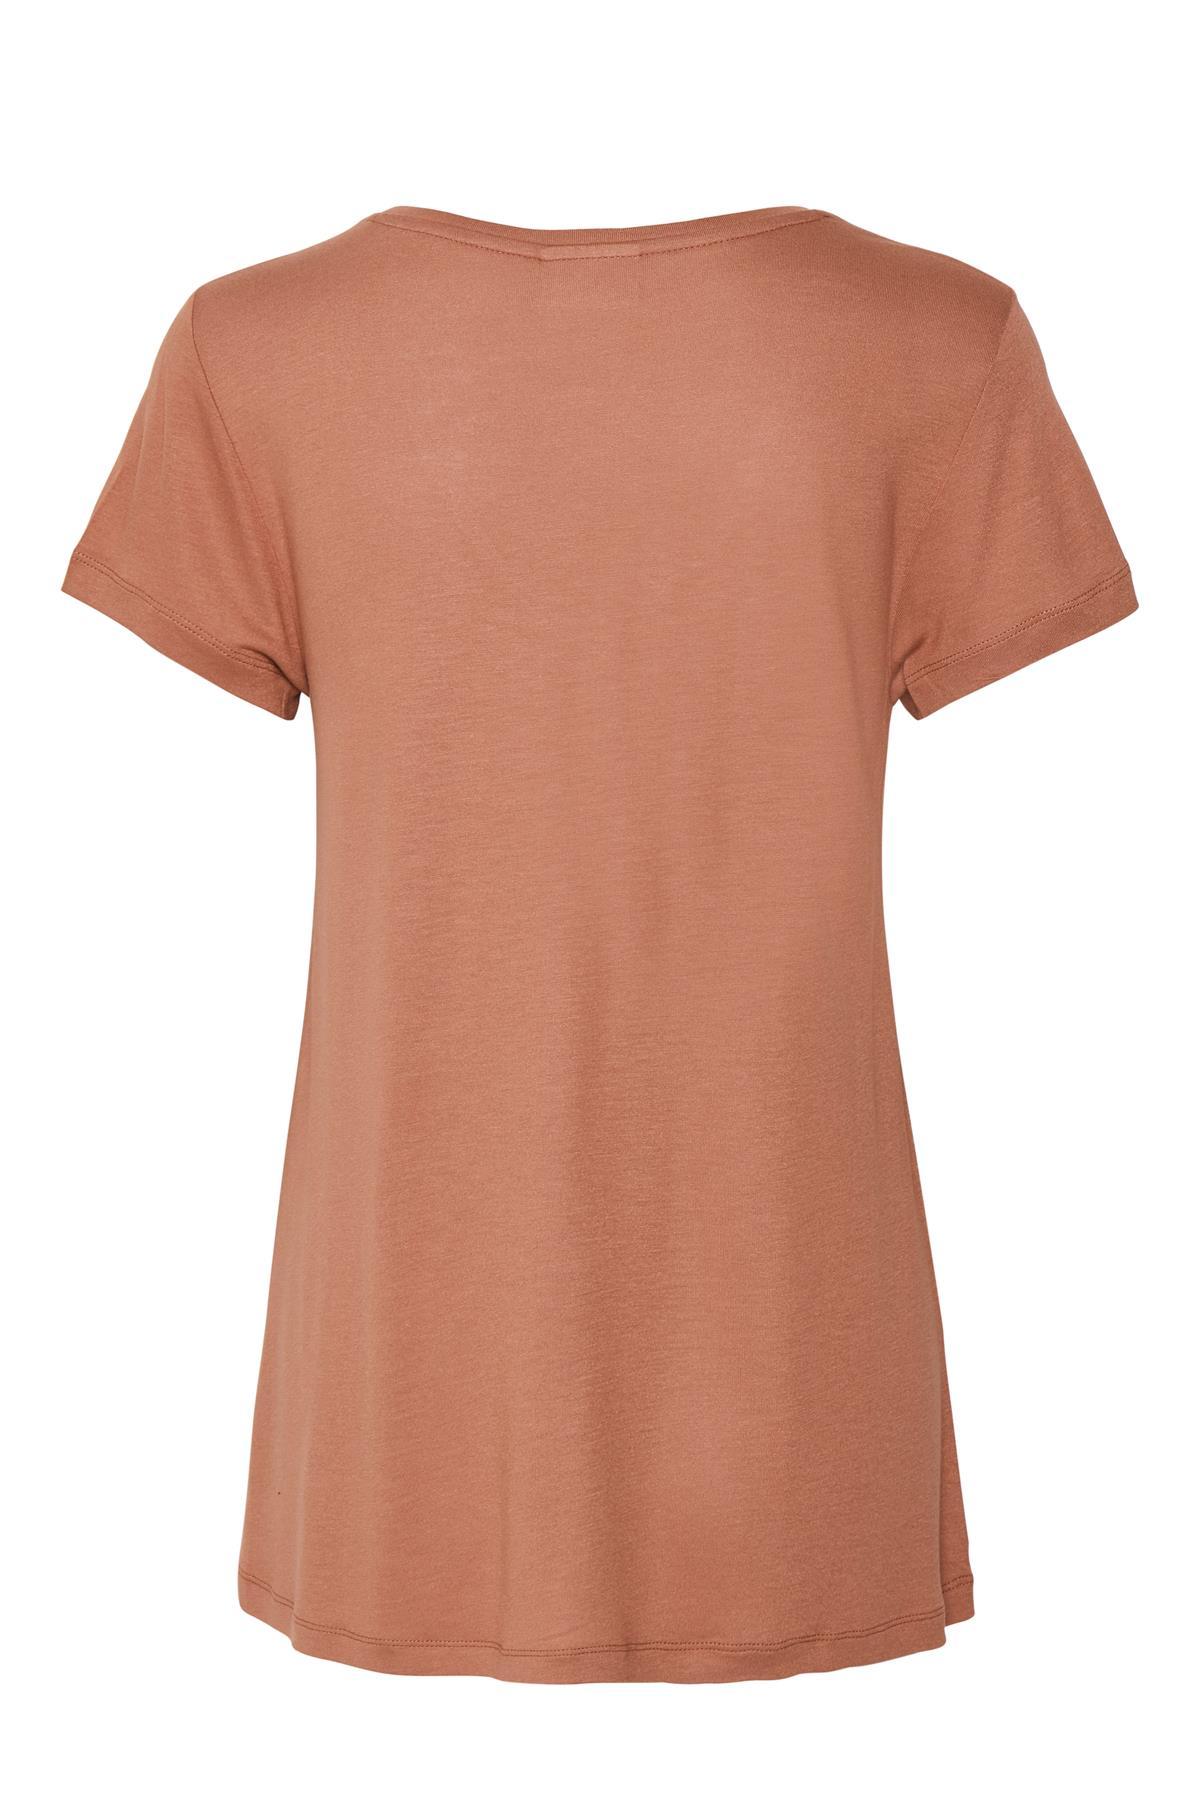 Mörk rosa Kortärmad T-shirt från Kaffe – Köp Mörk rosa Kortärmad T-shirt från stl. XS-XXL här